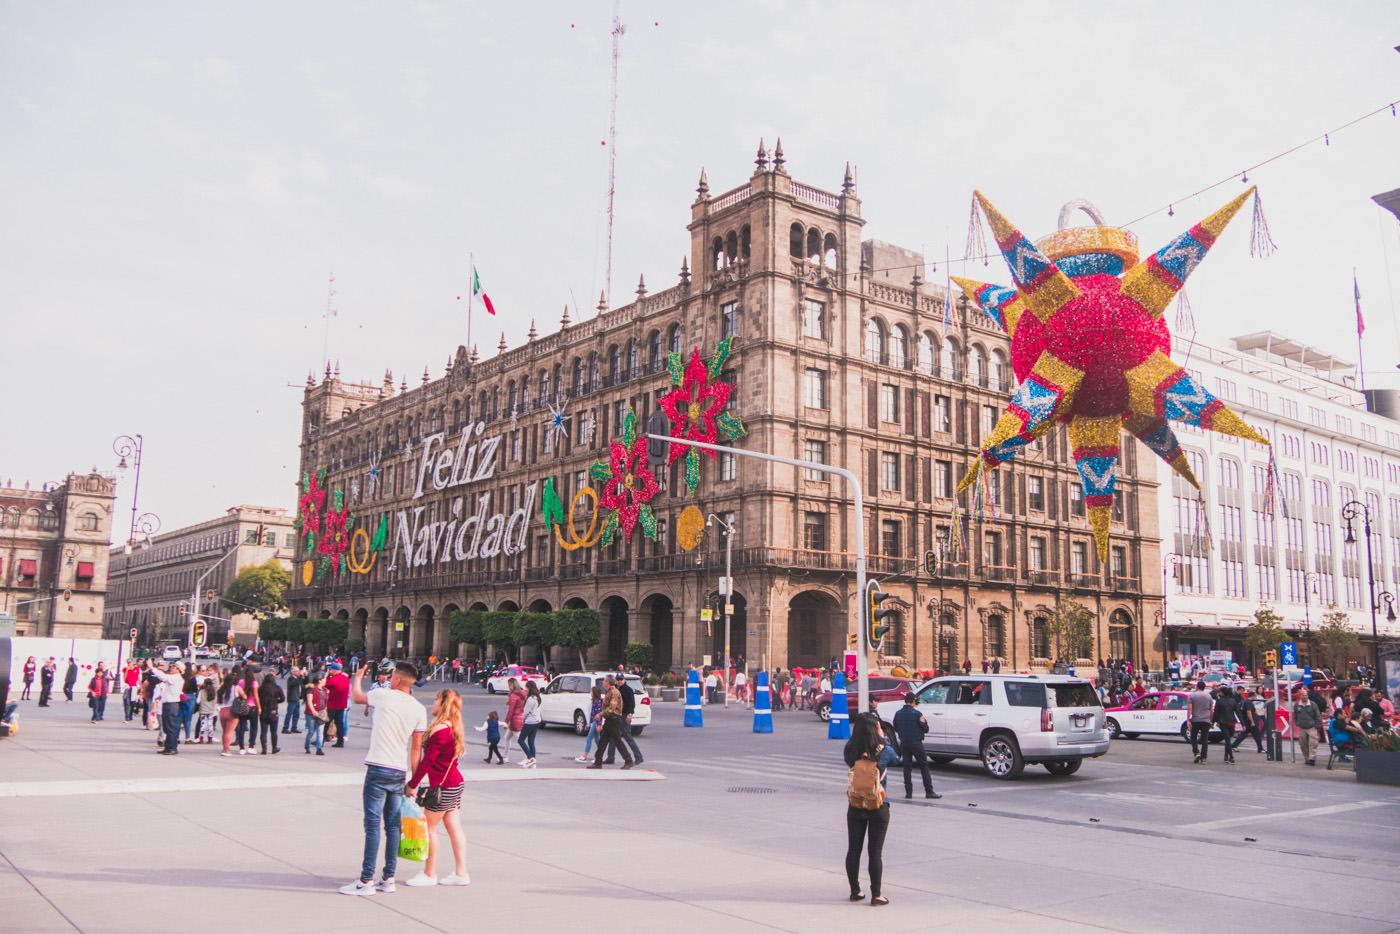 Der Zocalo von Mexiko-Stadt weihnachtlich geschmückt